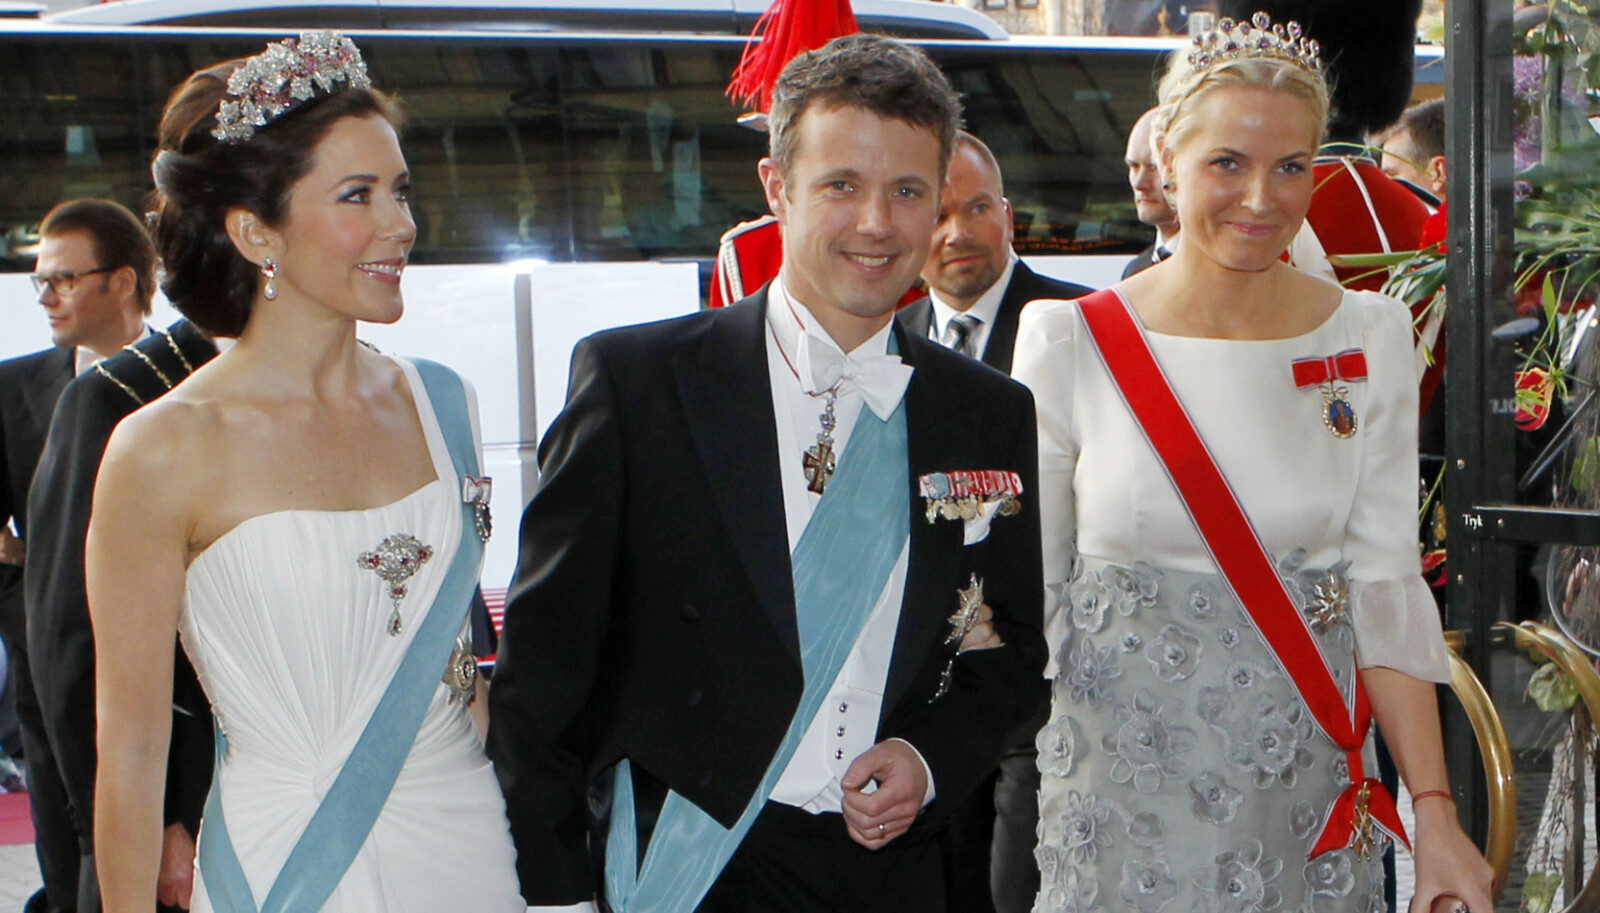 ELSKER FEIRINGER: Kronprinsesse Mette-Marit og kronprins Haakon sier sjelden nei når den kongelige storfamilie inviterer til fest i utlandet. Nå må Haakon og Mette-Marit ta en viktig beslutning. Foto: NTB.